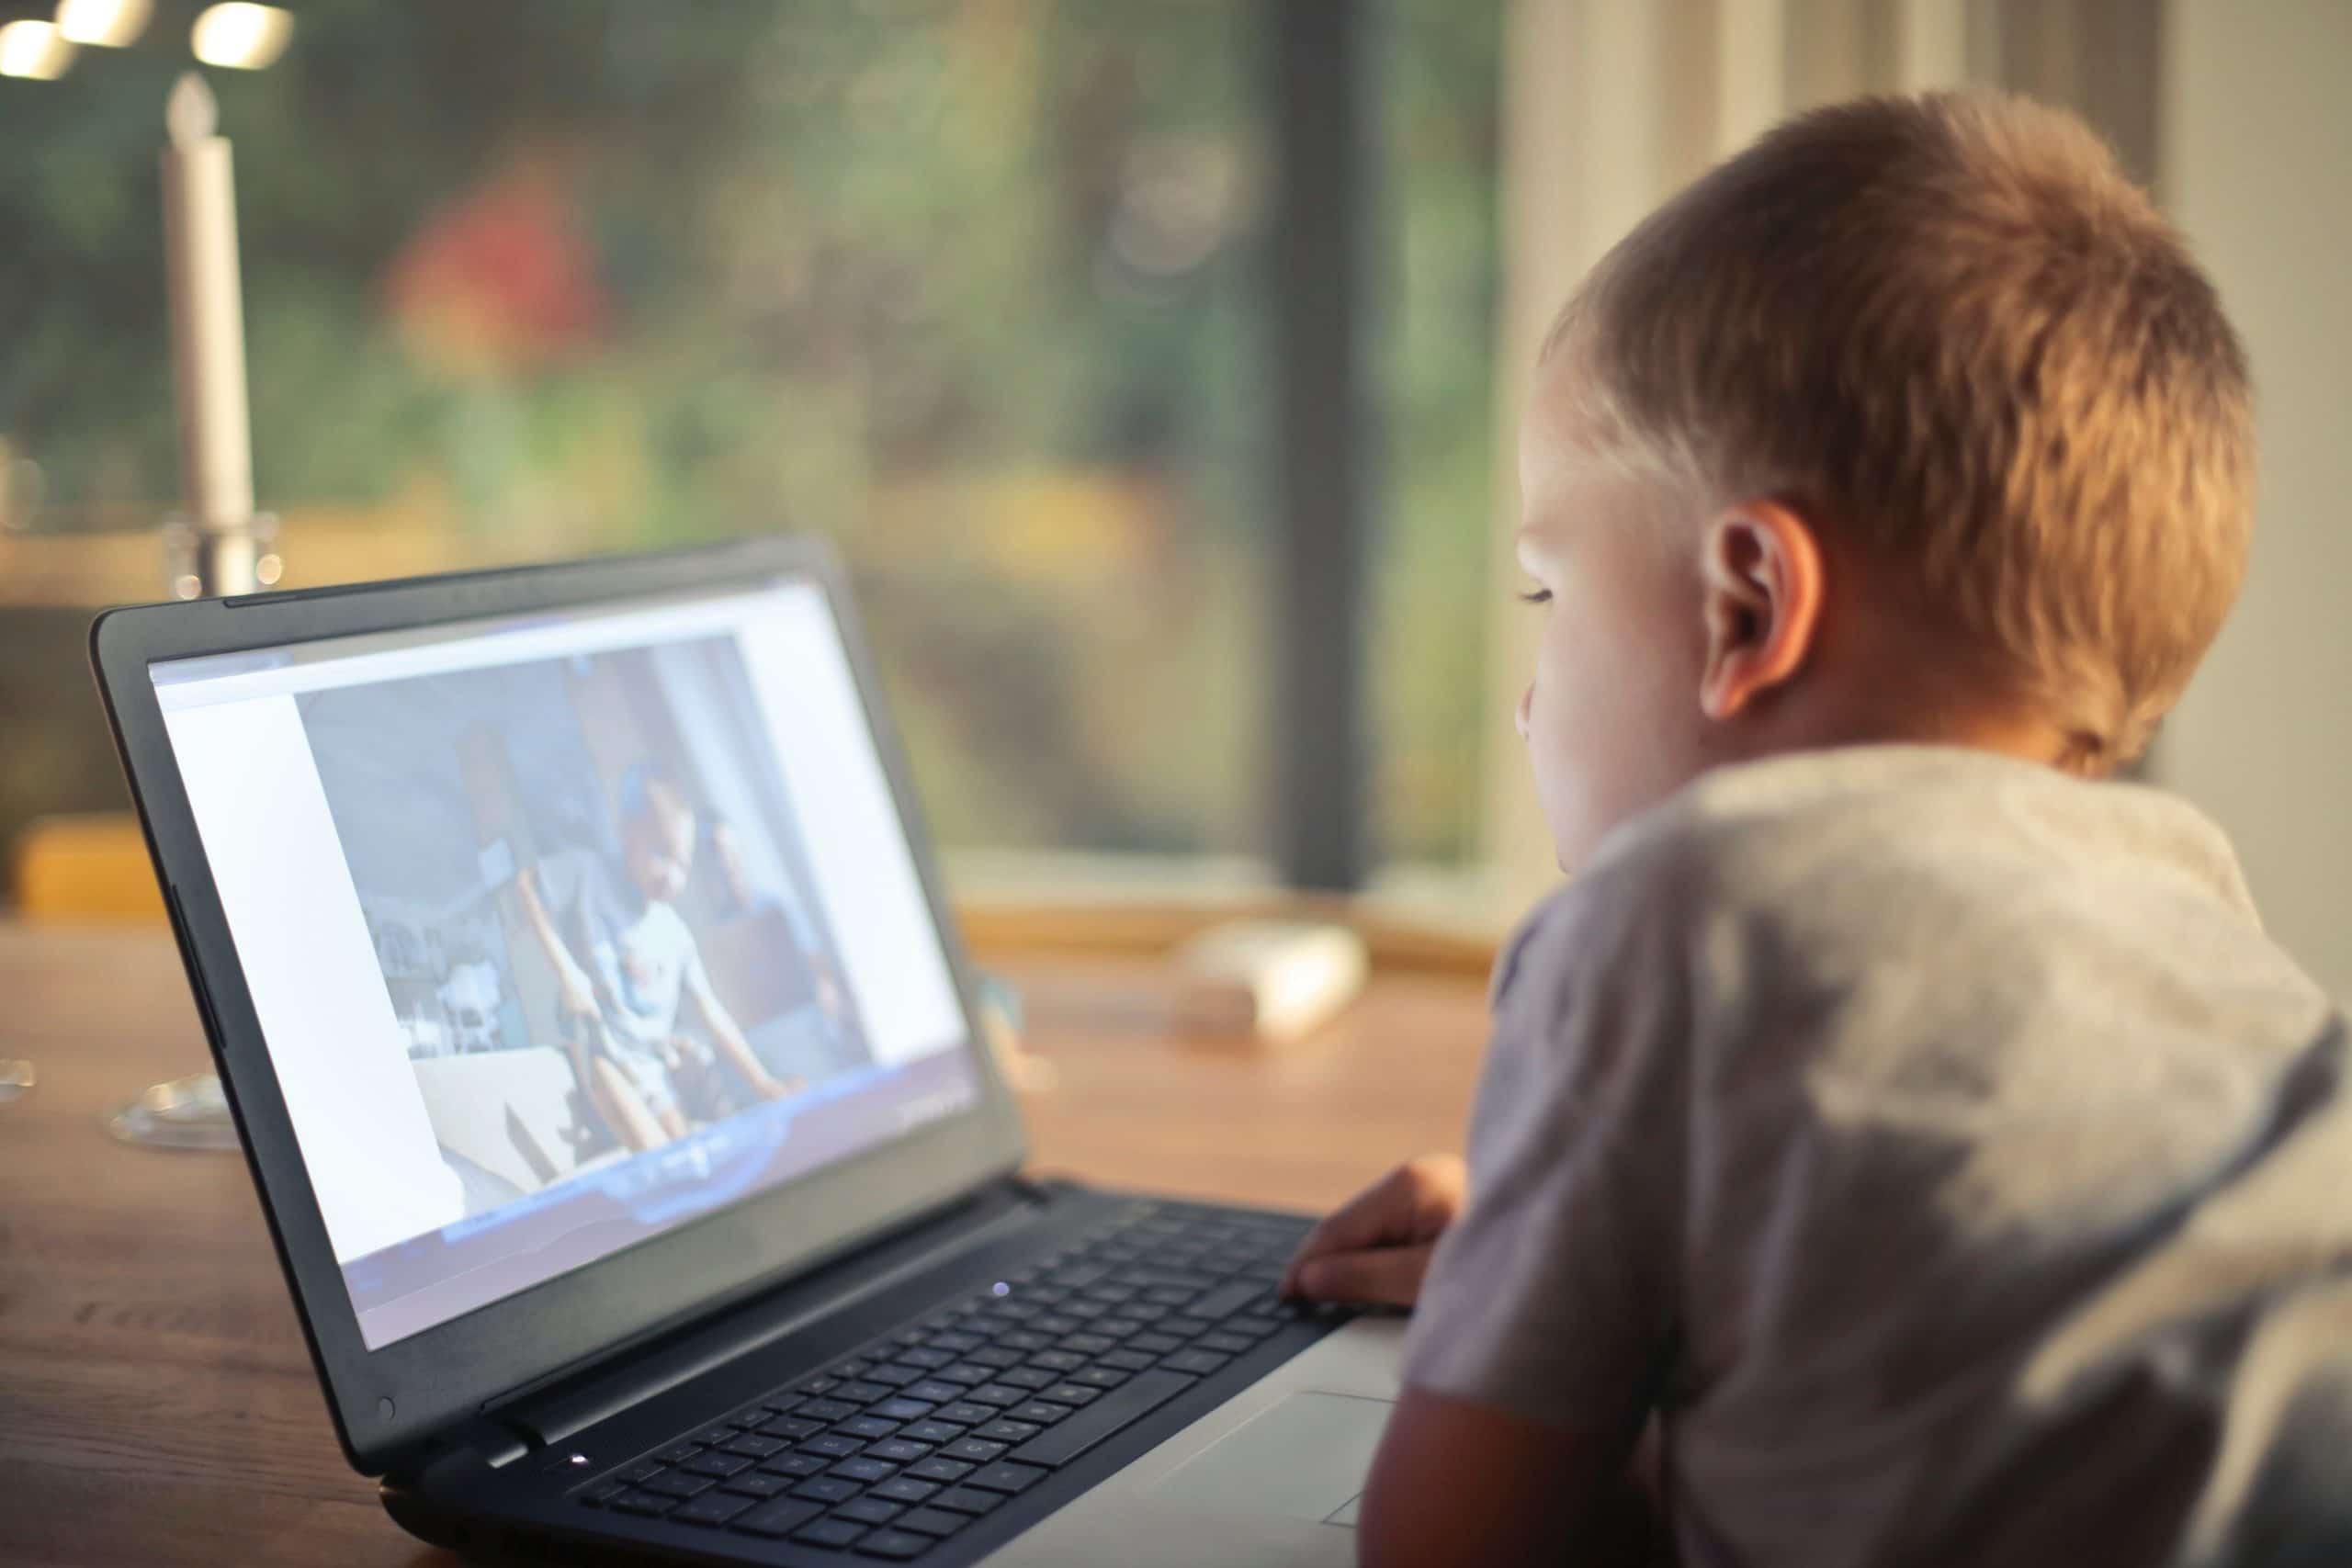 Criança usando o notebook para ver fotos.